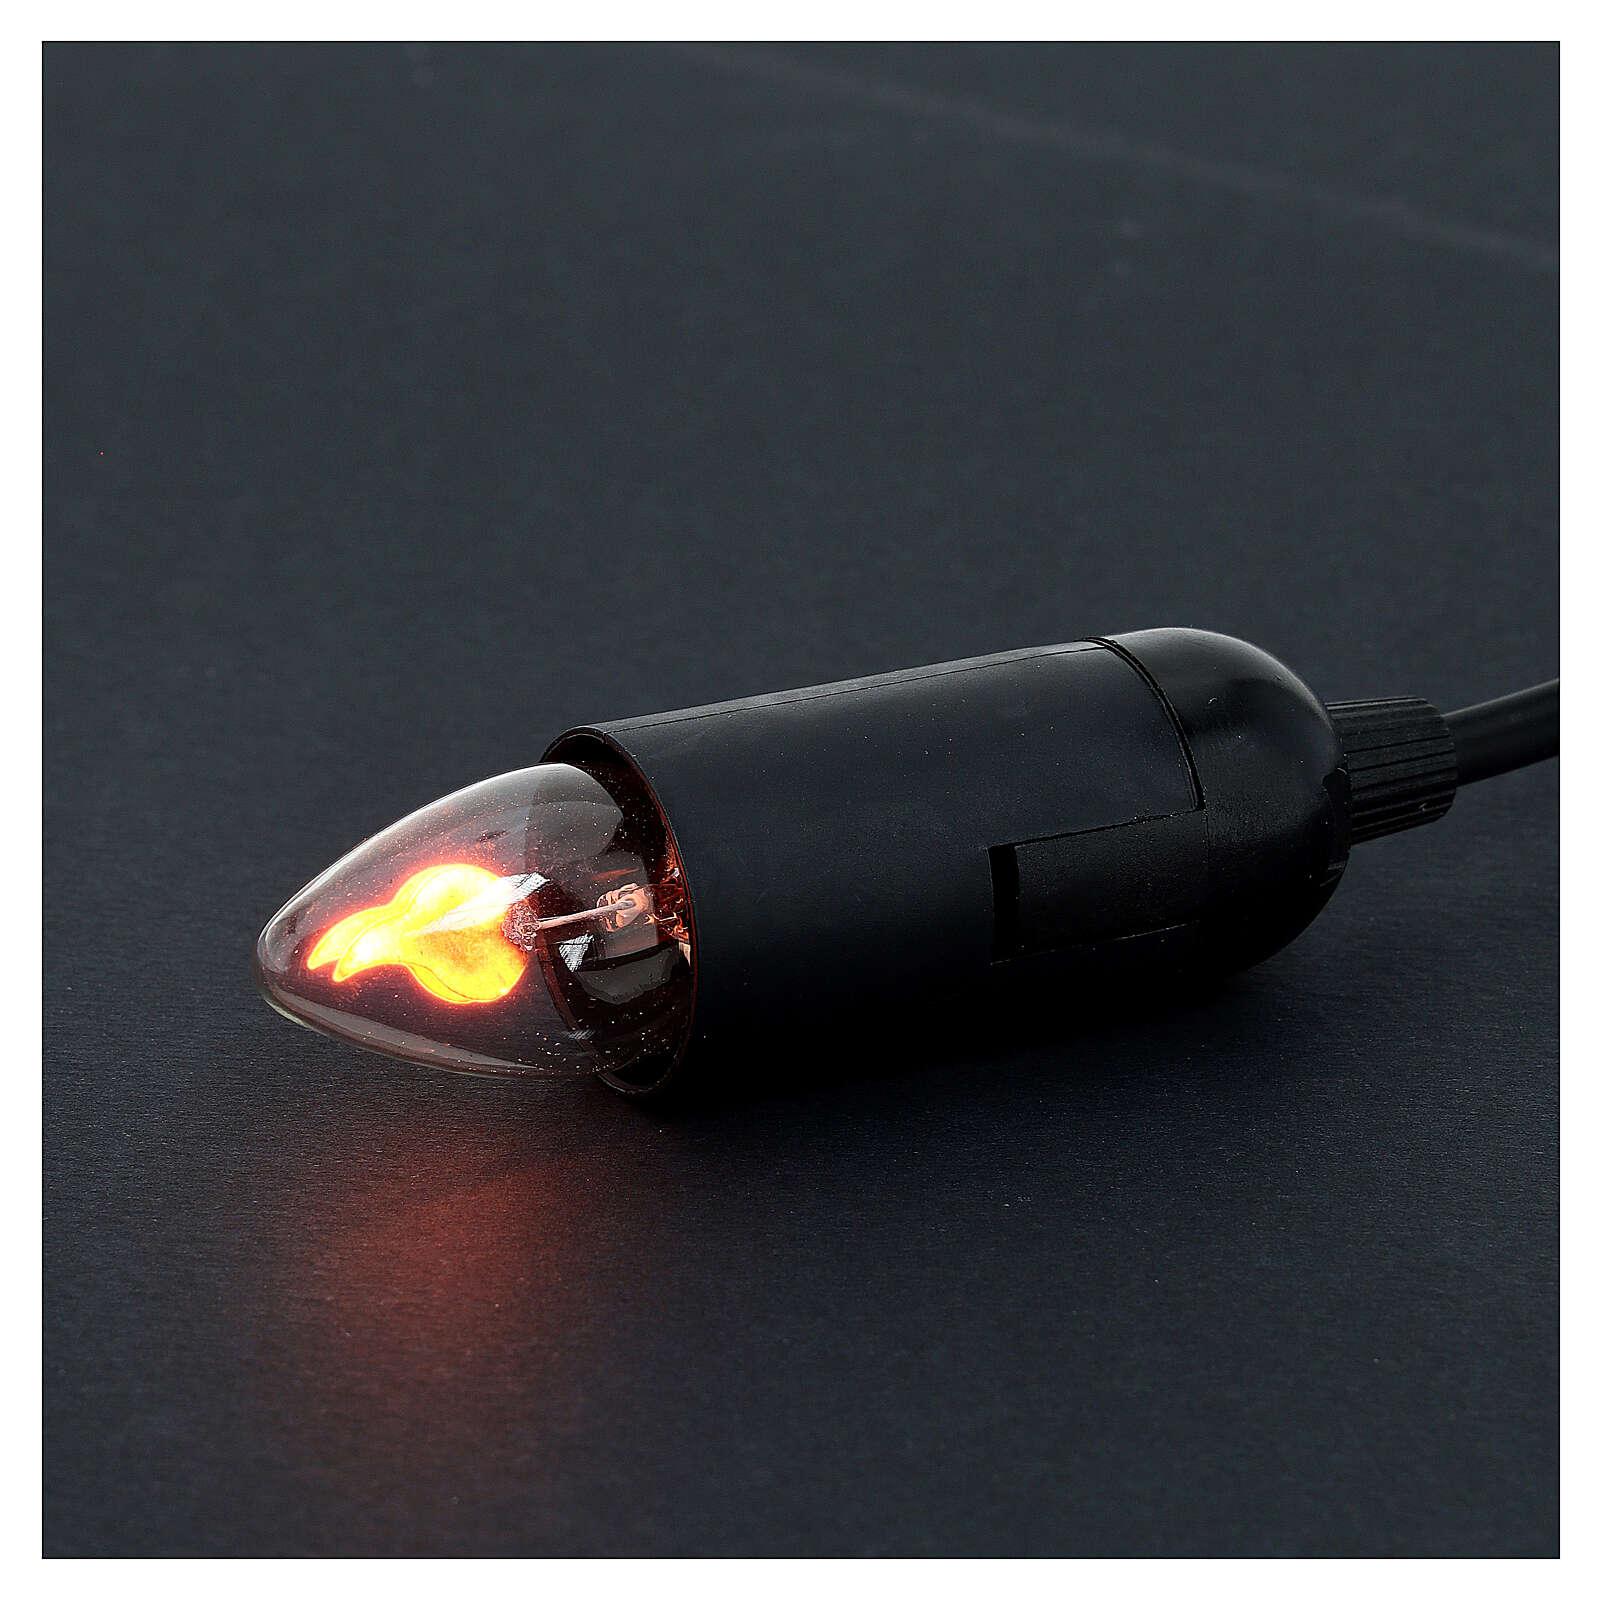 Luz efeito chama lâmpada 5 cm 4